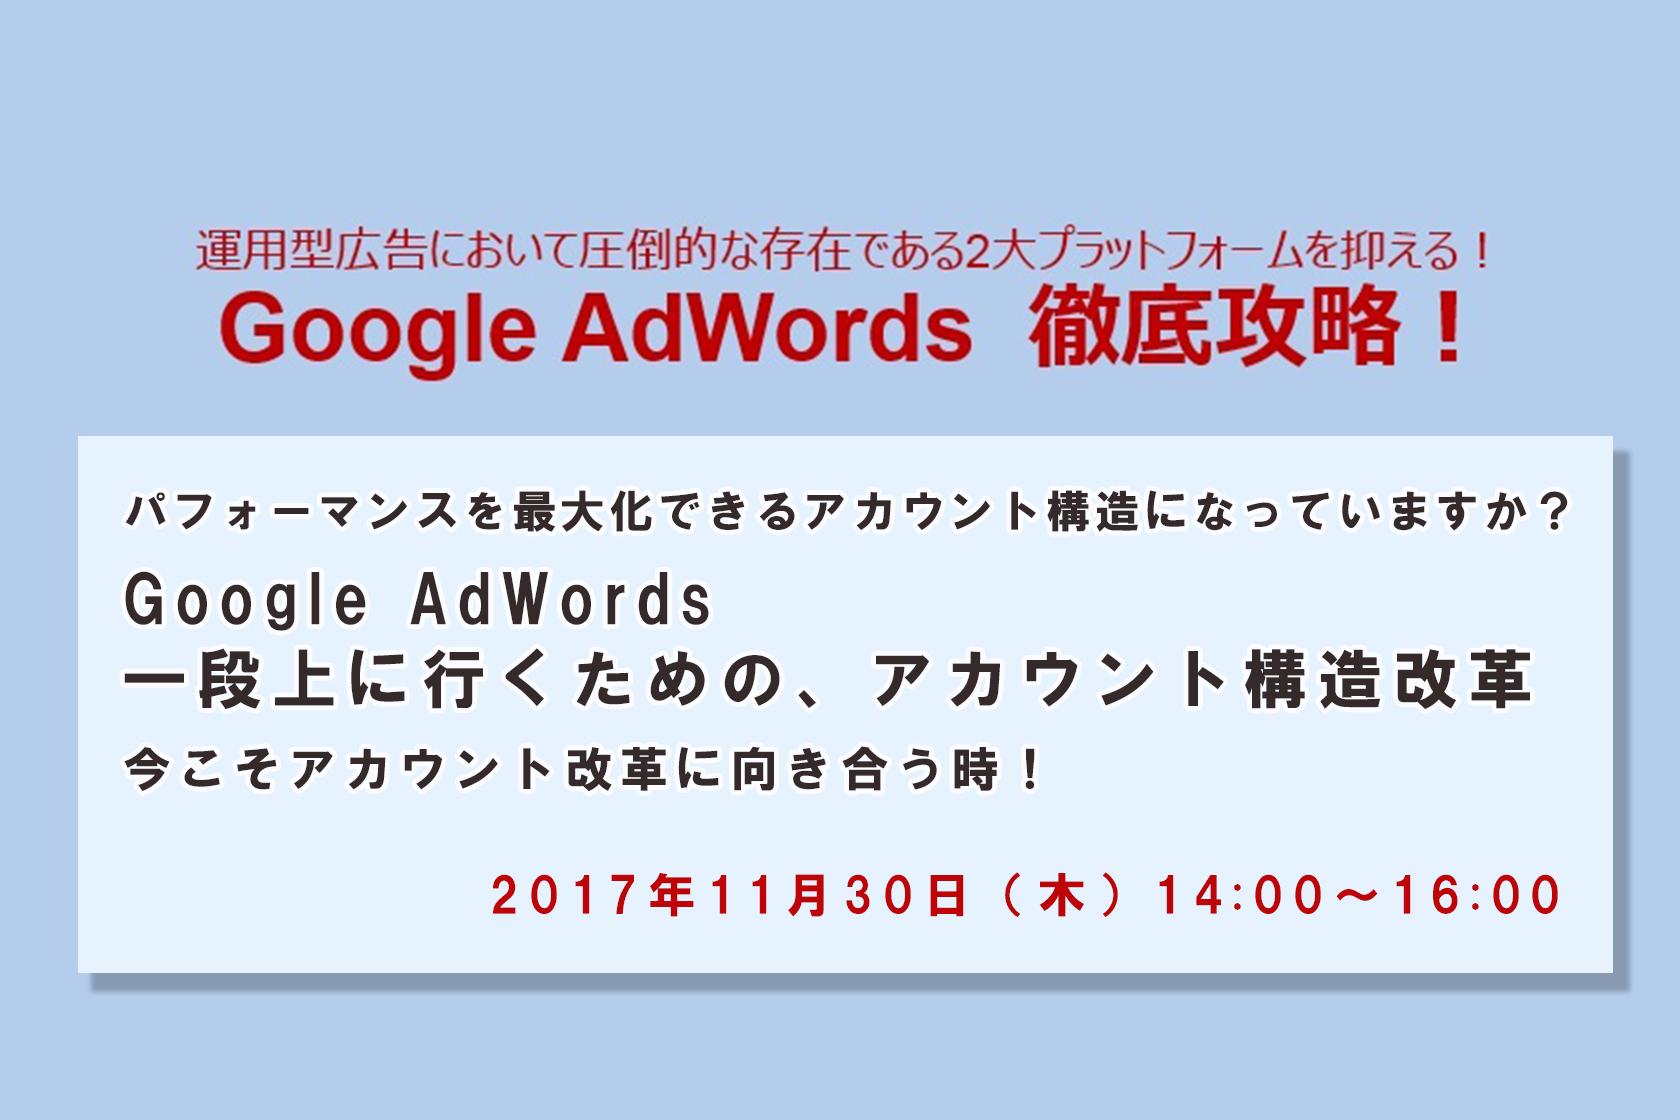 2017年11月30日開催決定!『パフォーマンスを最大化できるアカウント構造になっていますか? Google AdWords 一段上に行くための、アカウント構造改革 今こそアカウント改革に向き合う時!』